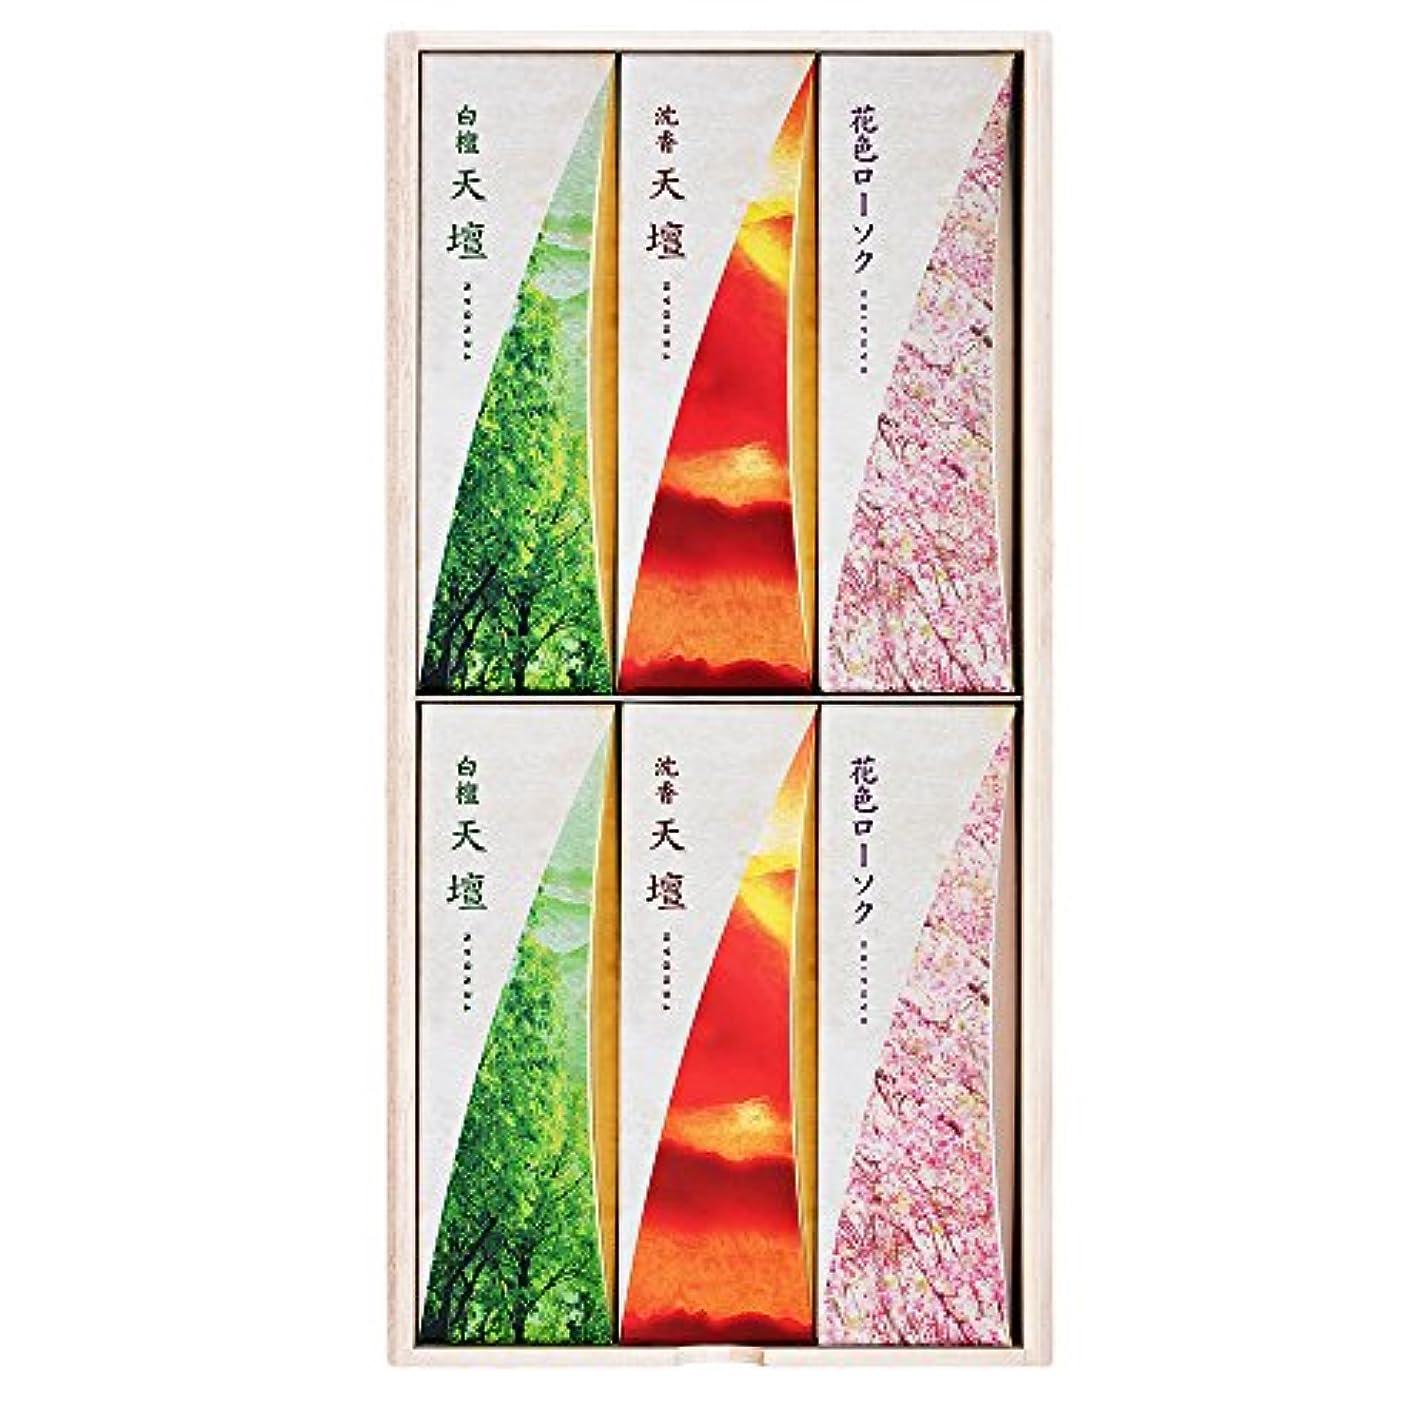 麦芽抽出あそこ天壇進物3000 桐箱 包装品 (白檀の香り2箱、沈香の香り2箱、花色ローソク2箱)